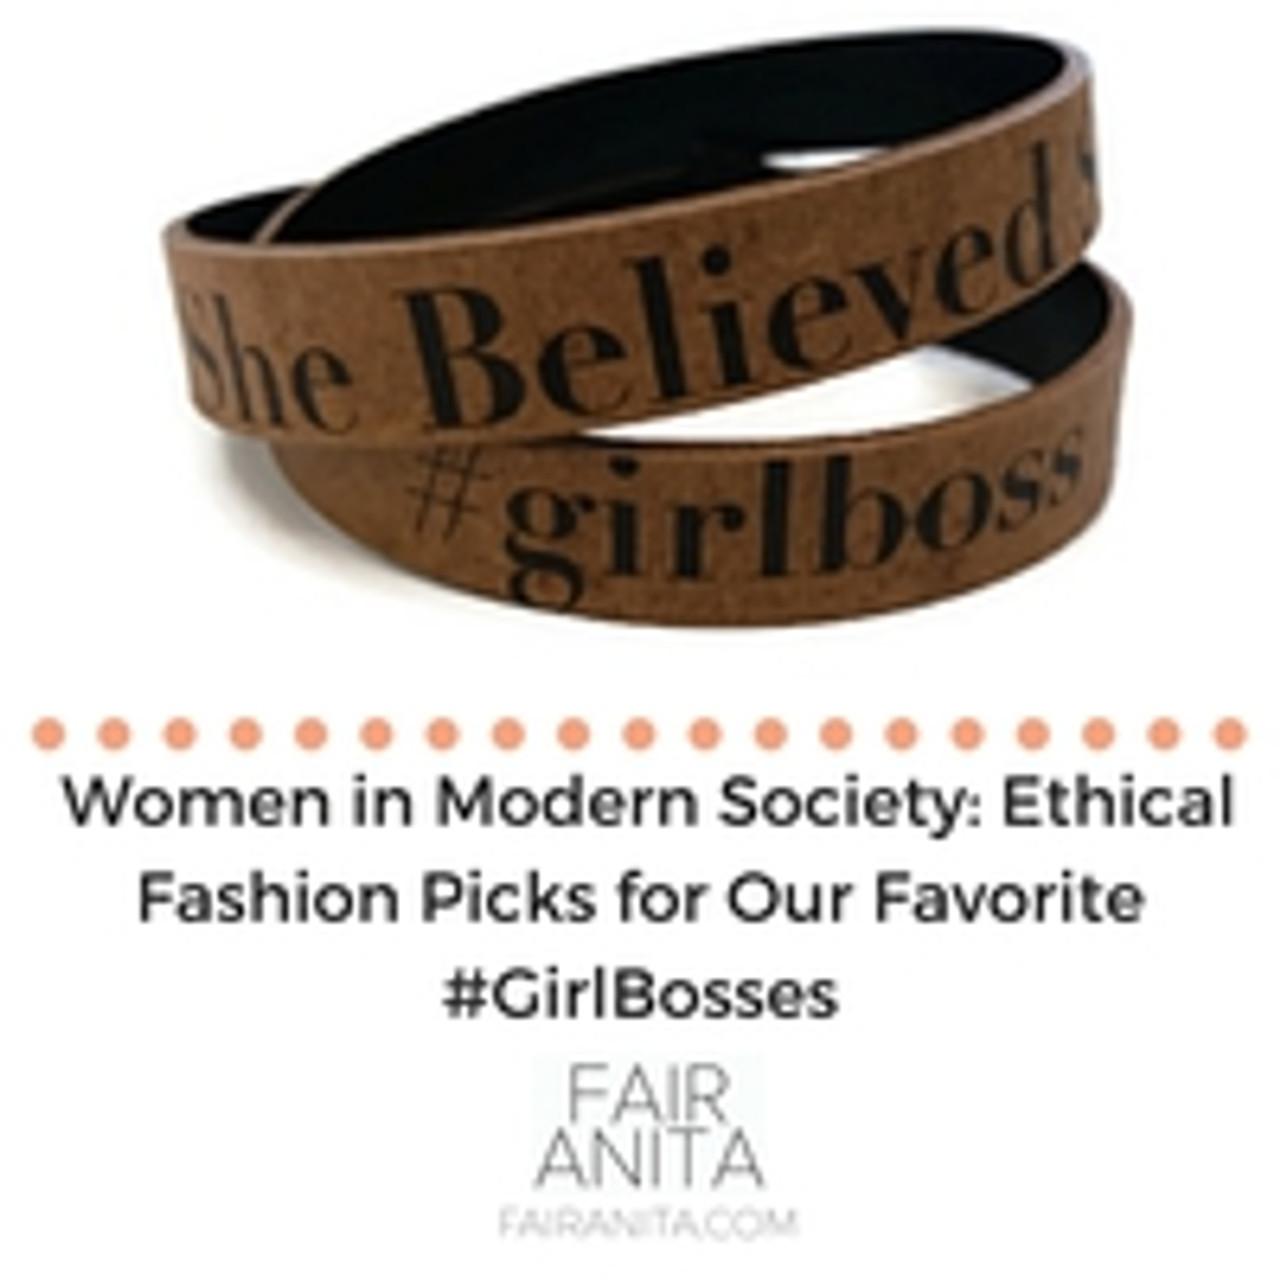 Women in Modern Society: Ethical Fashion Picks for Our Favorite #GirlBosses